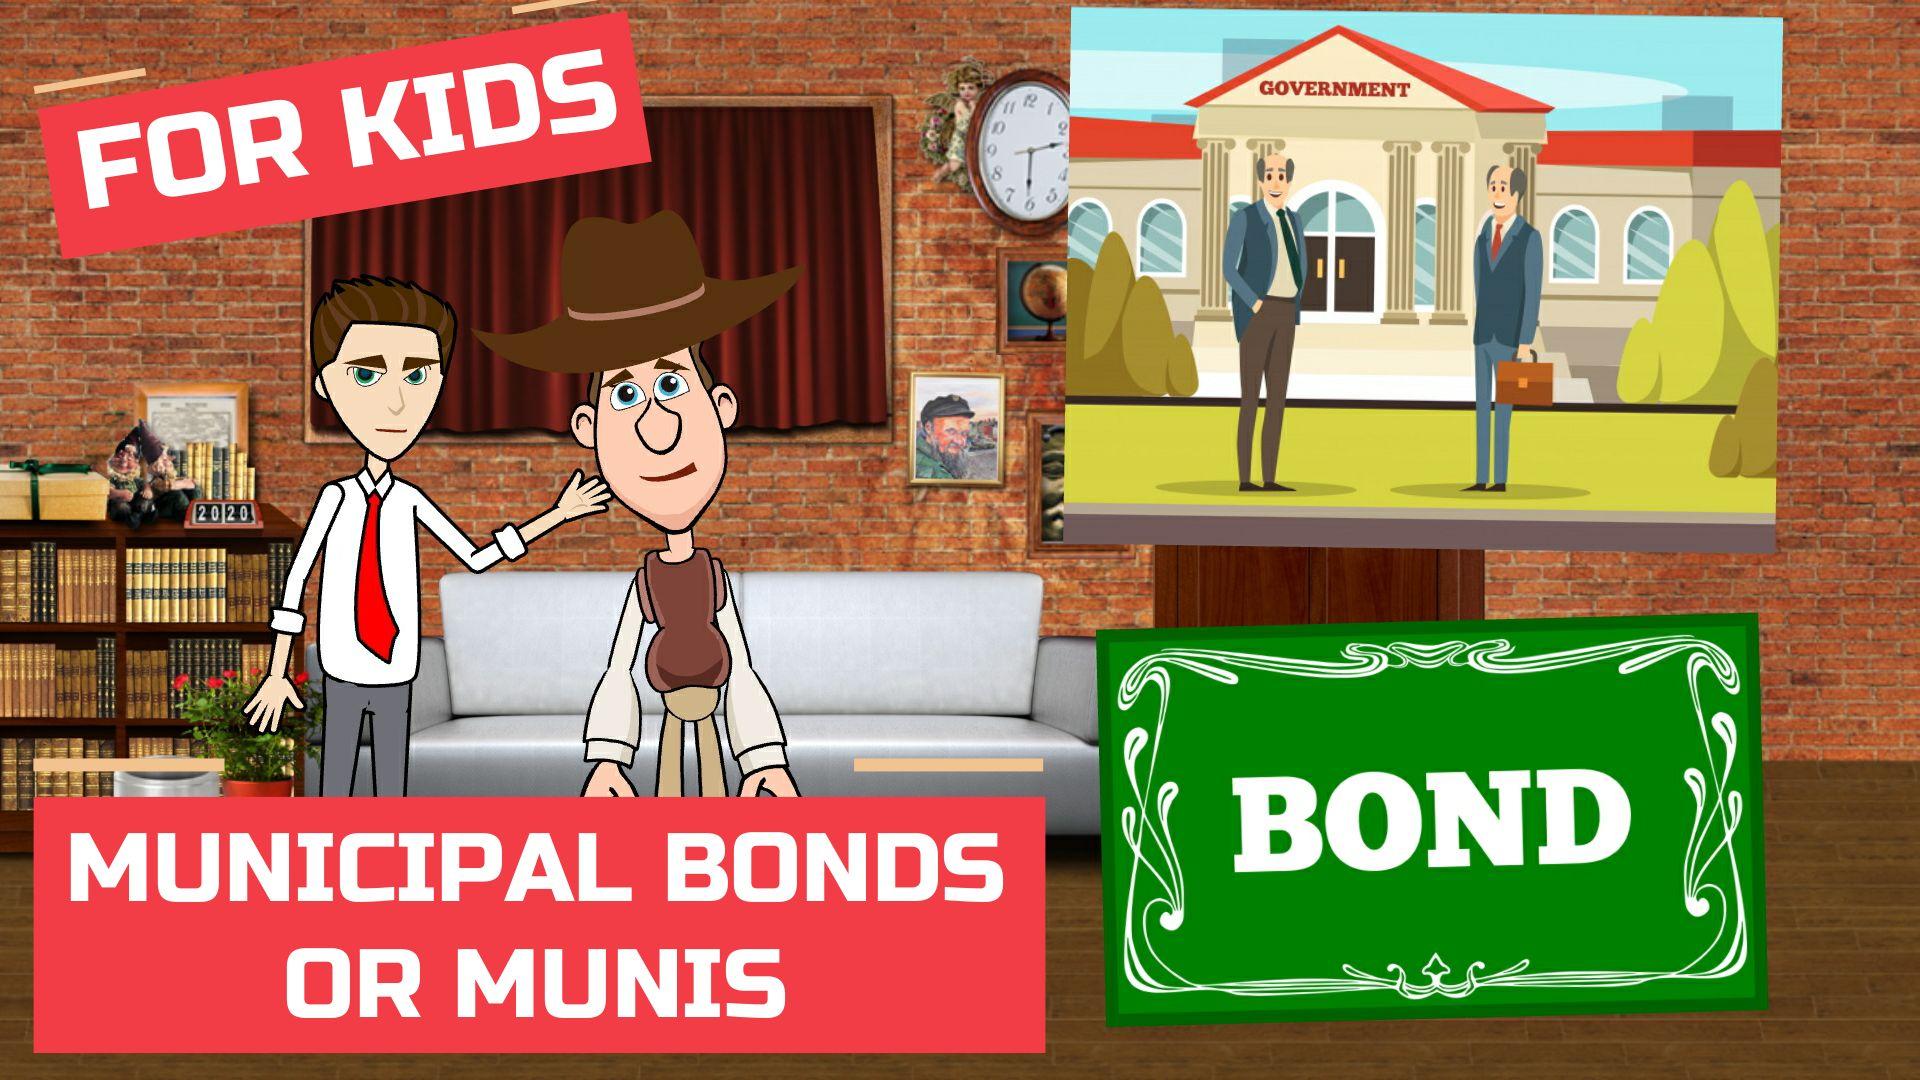 Municipal Bonds - Munis